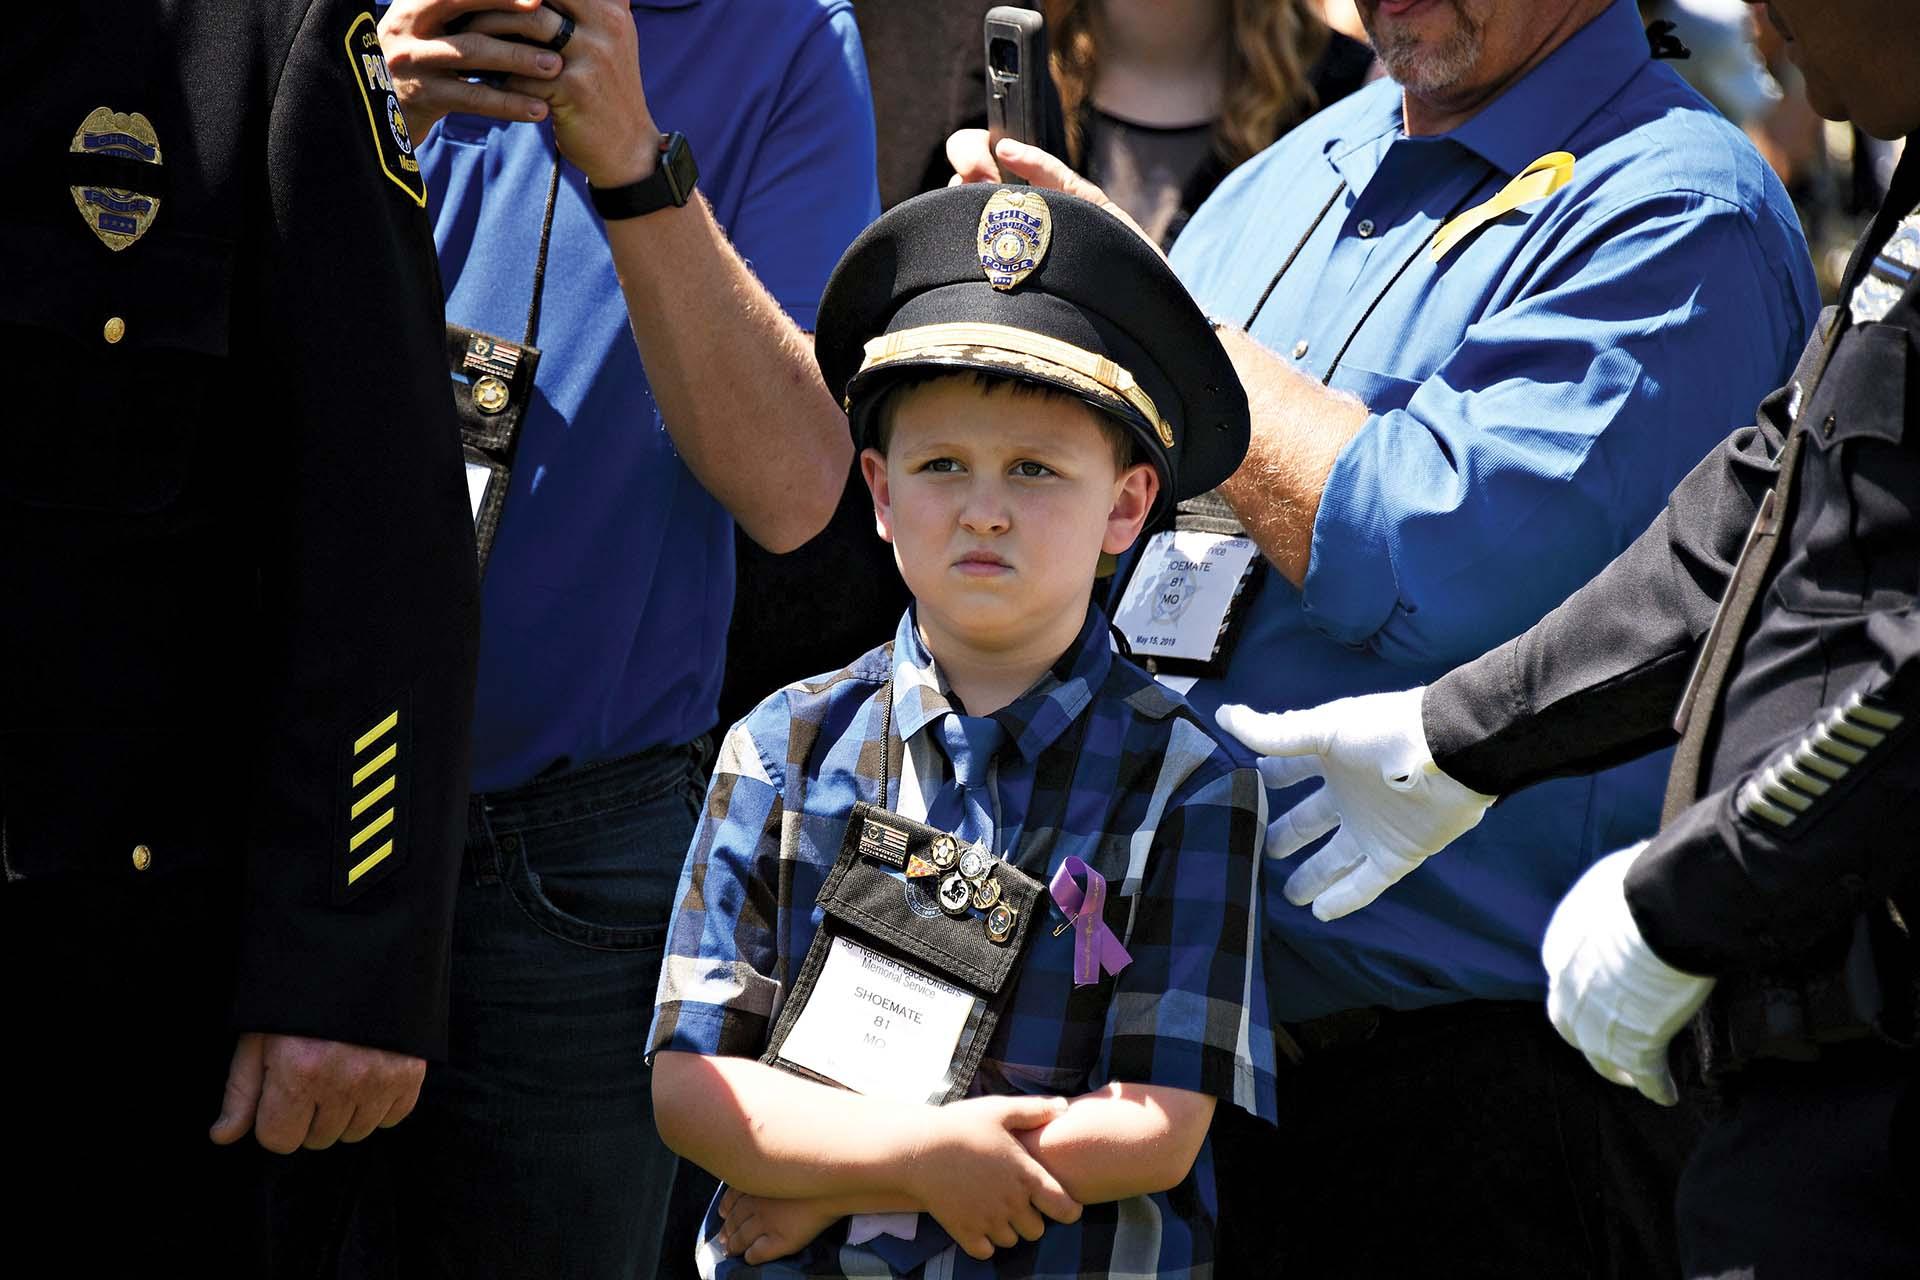 Police Week 2019